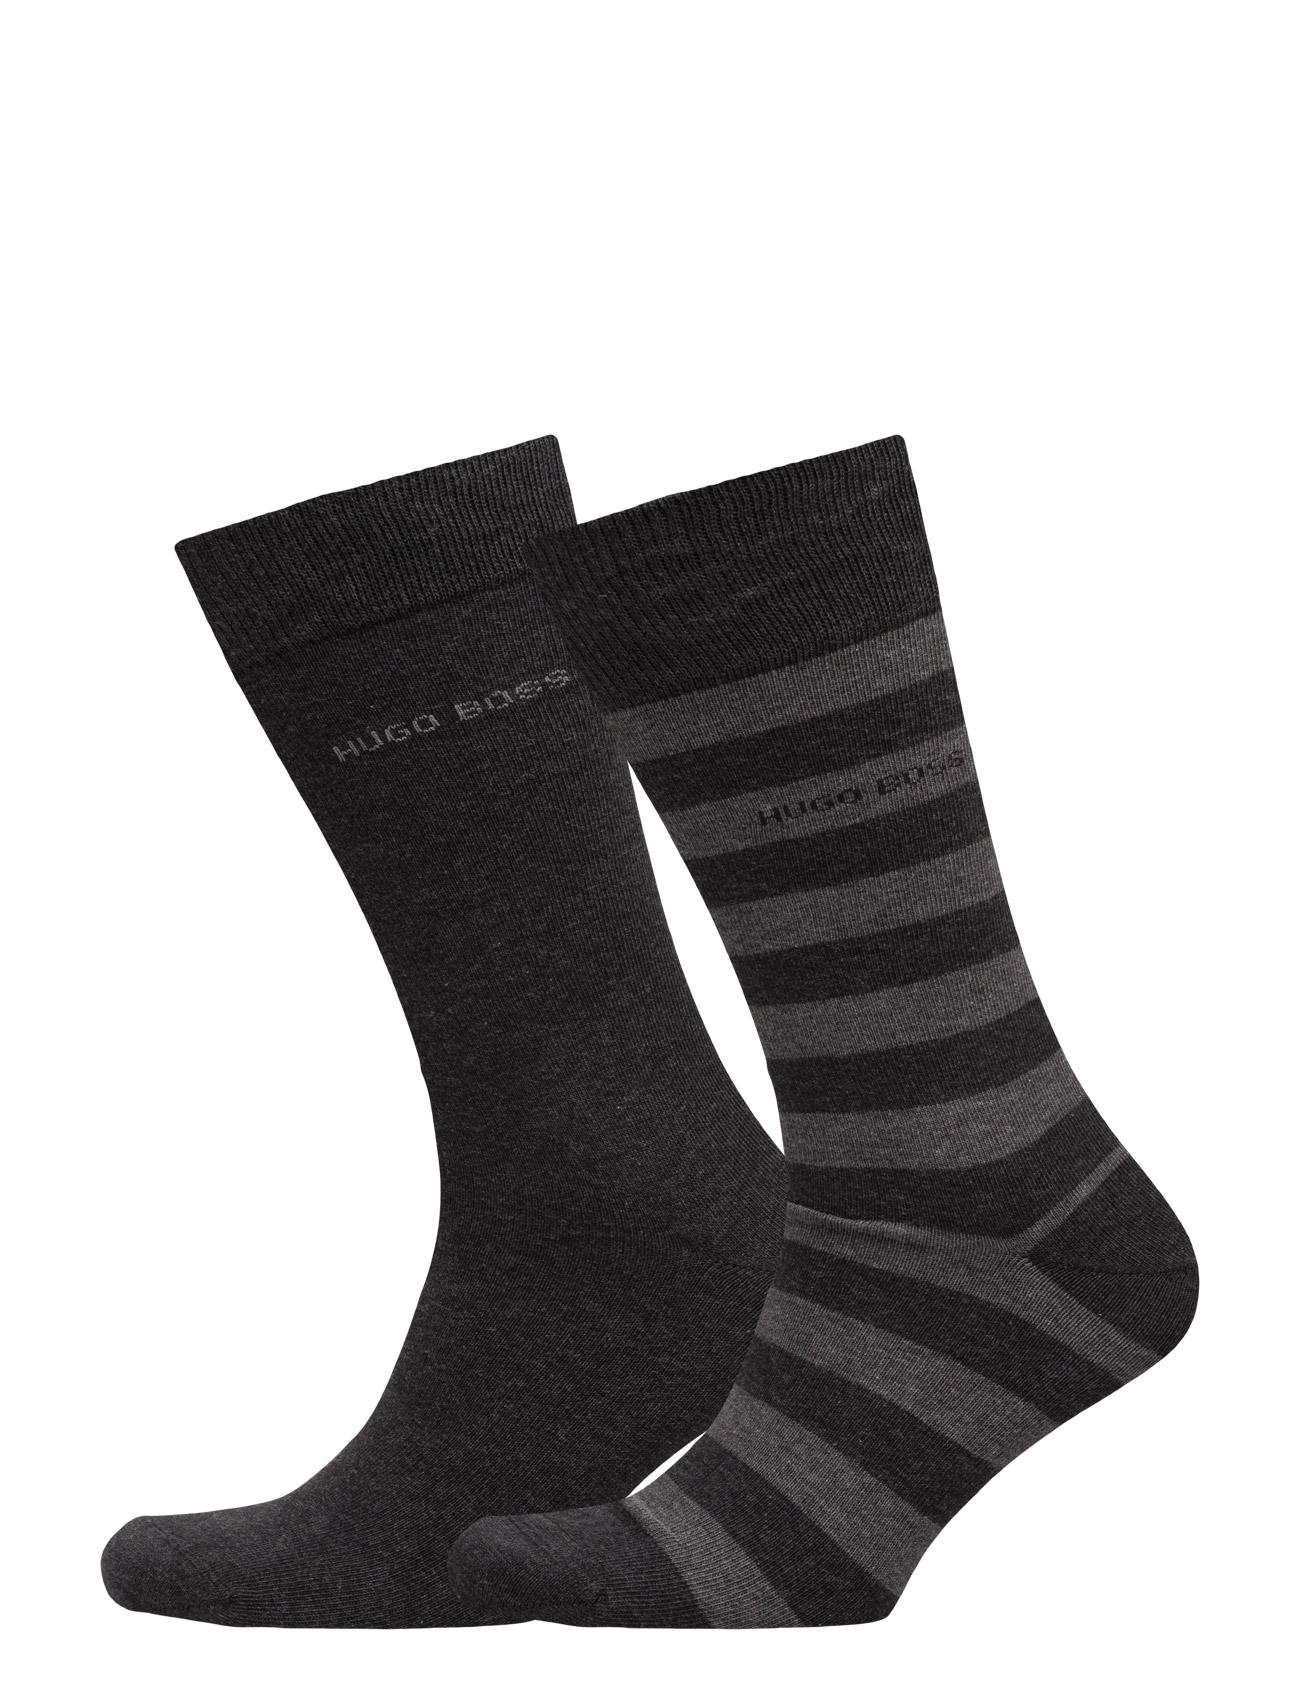 Twopack Block Stripe BOSS Sokker til Mænd i Sort